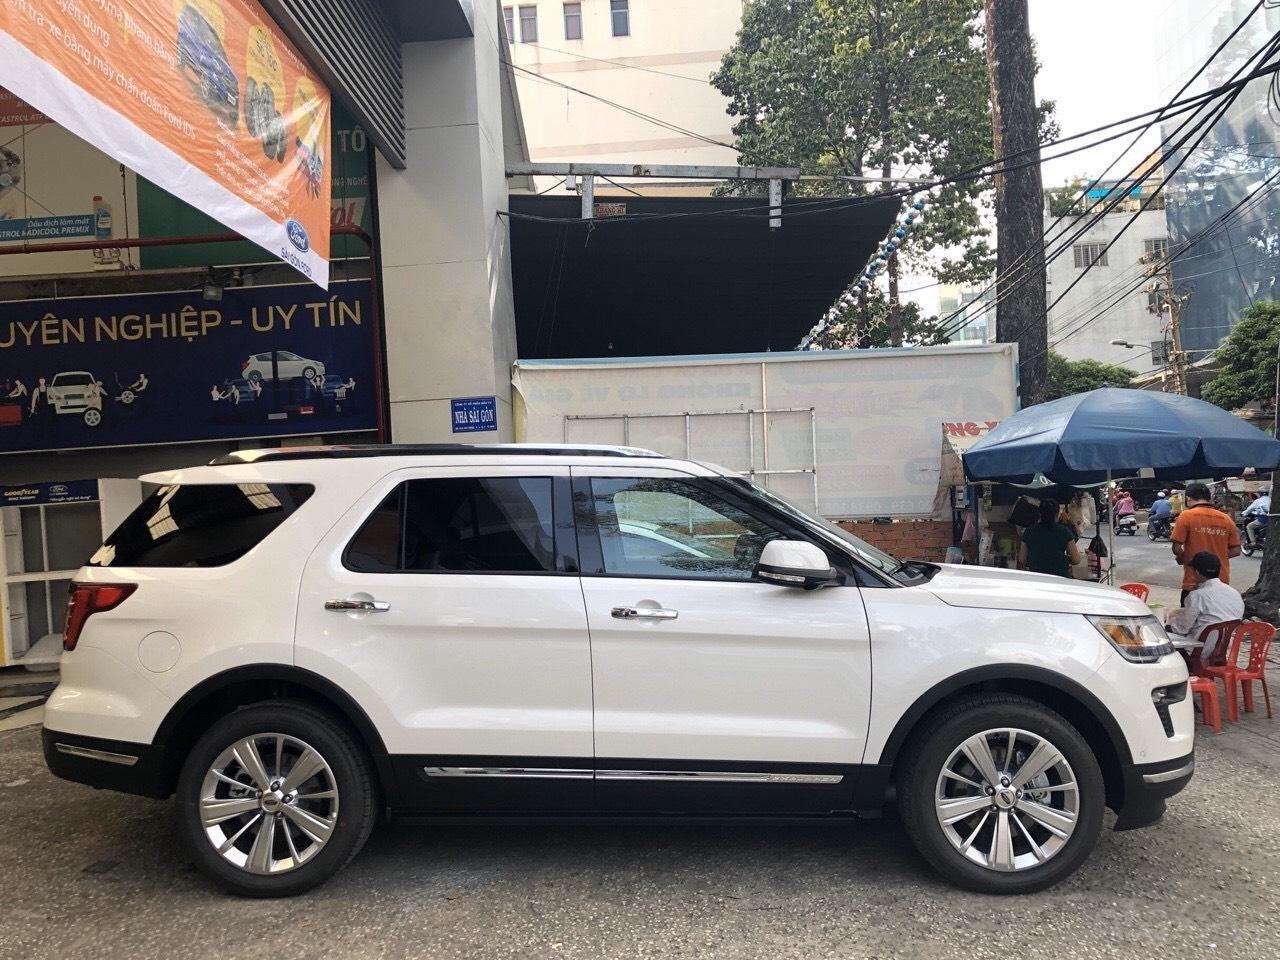 Ford Explorer 2019 nhập khẩu giá sốc ngập tràn ưu đãi, LH: 0908812444 Ms Ngọc Anh (3)